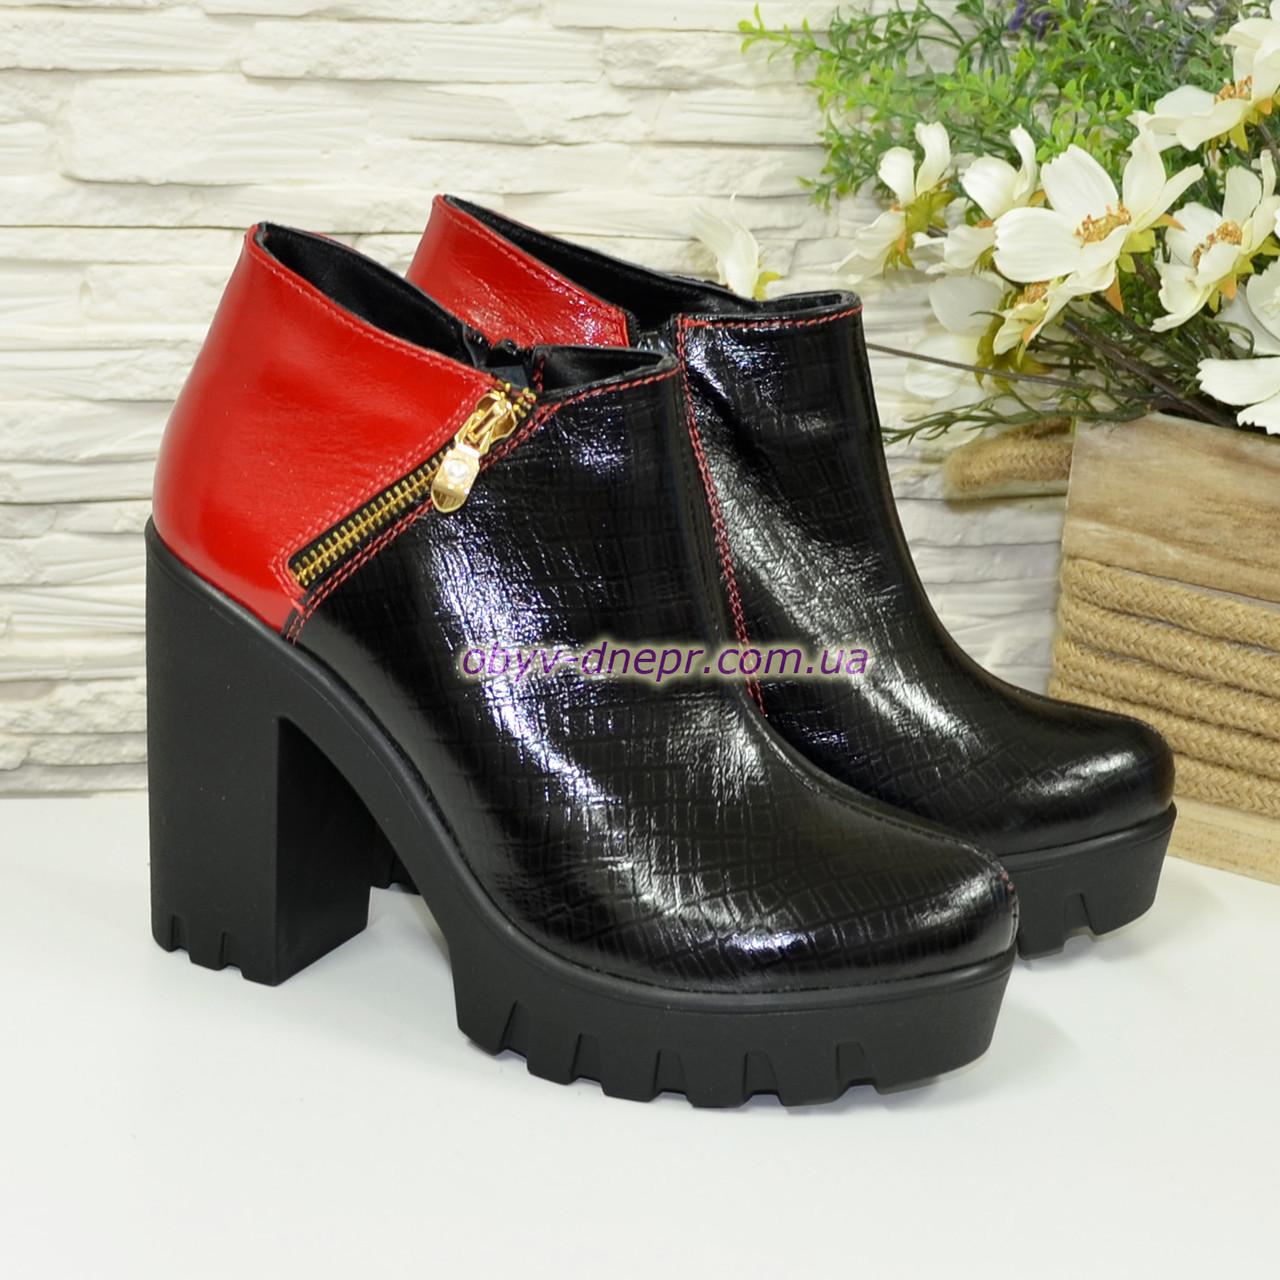 Жіночі об'єднані демісезонні черевики на тракторній підошві